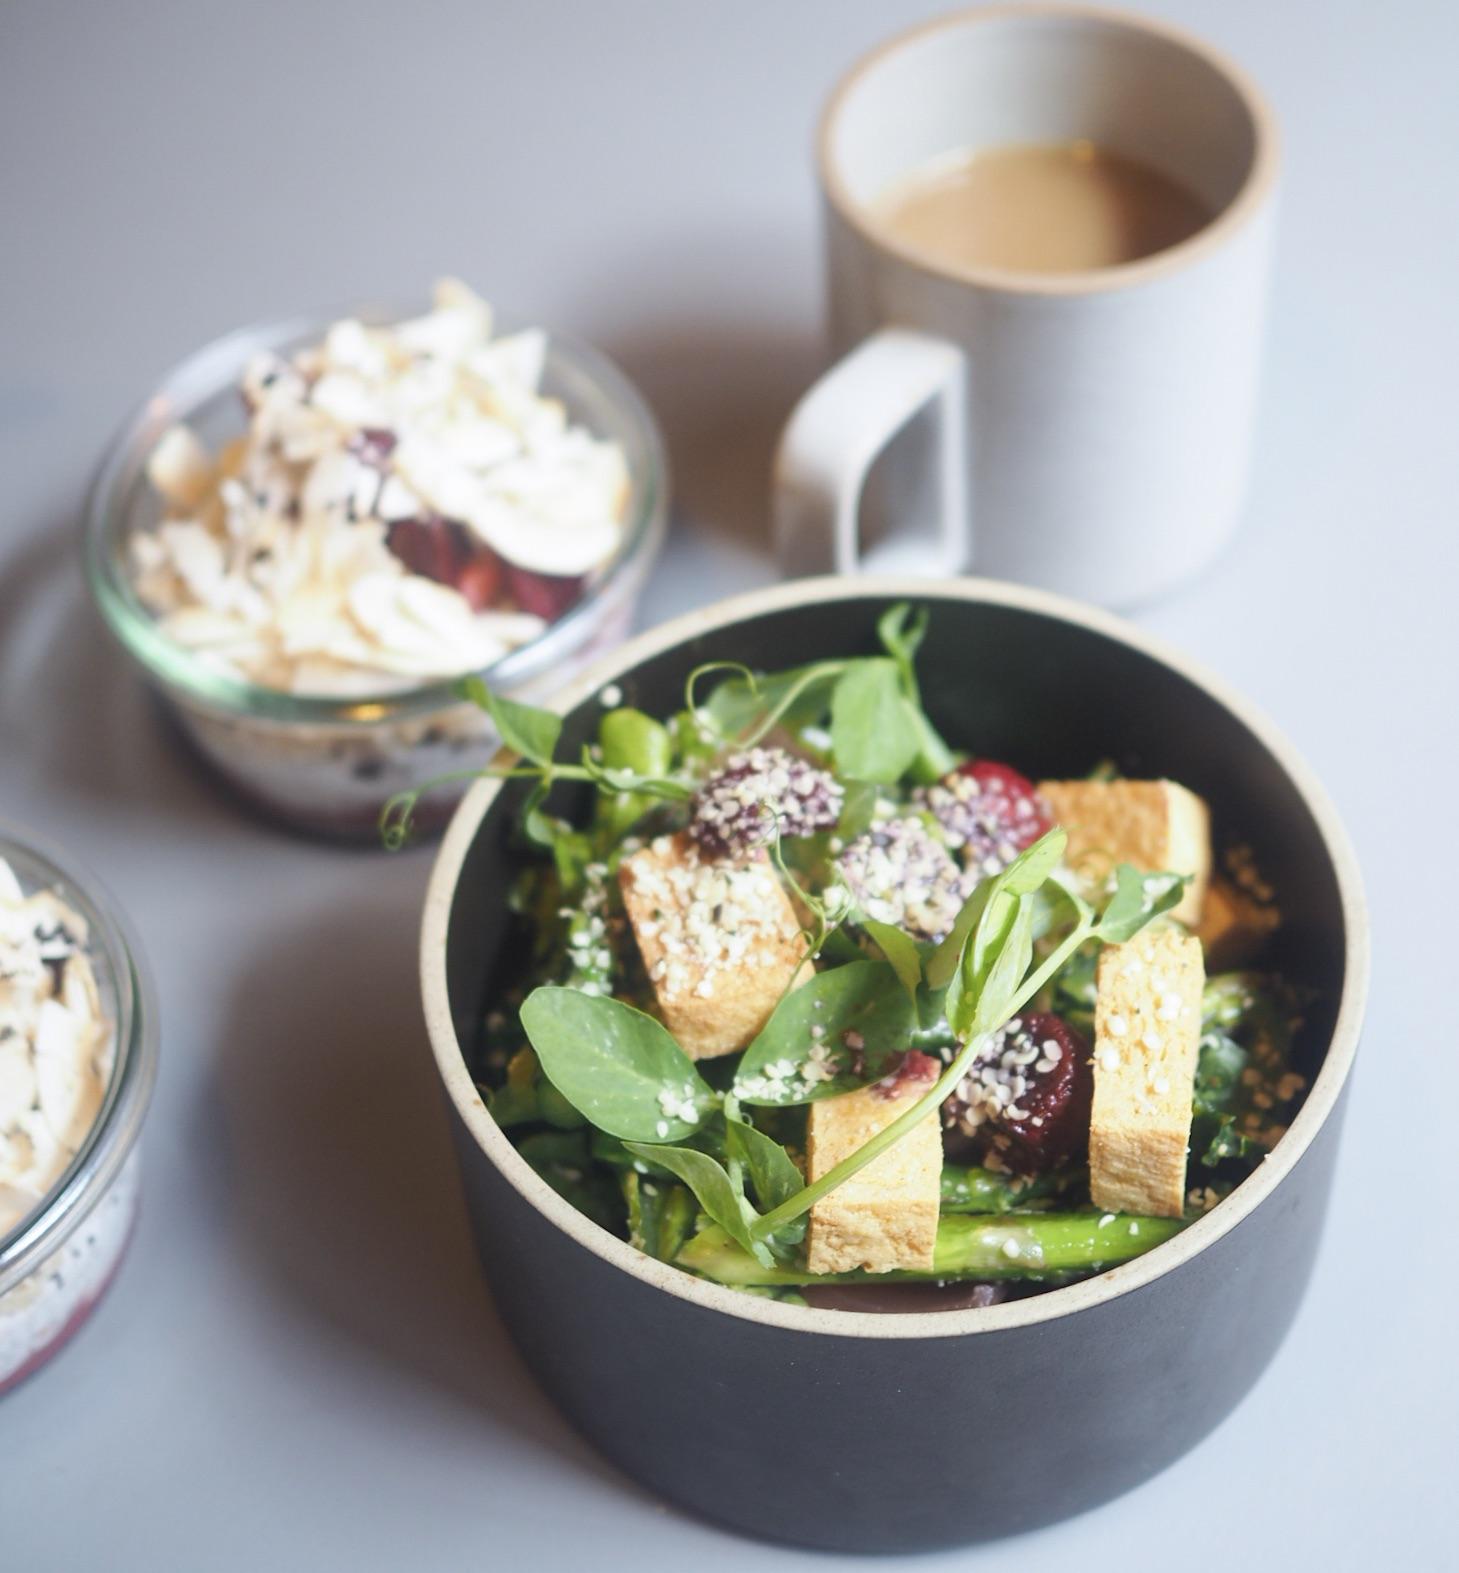 tofusalat på hyggestund. Sund og vegetarisk morgenmad på Vesterbro